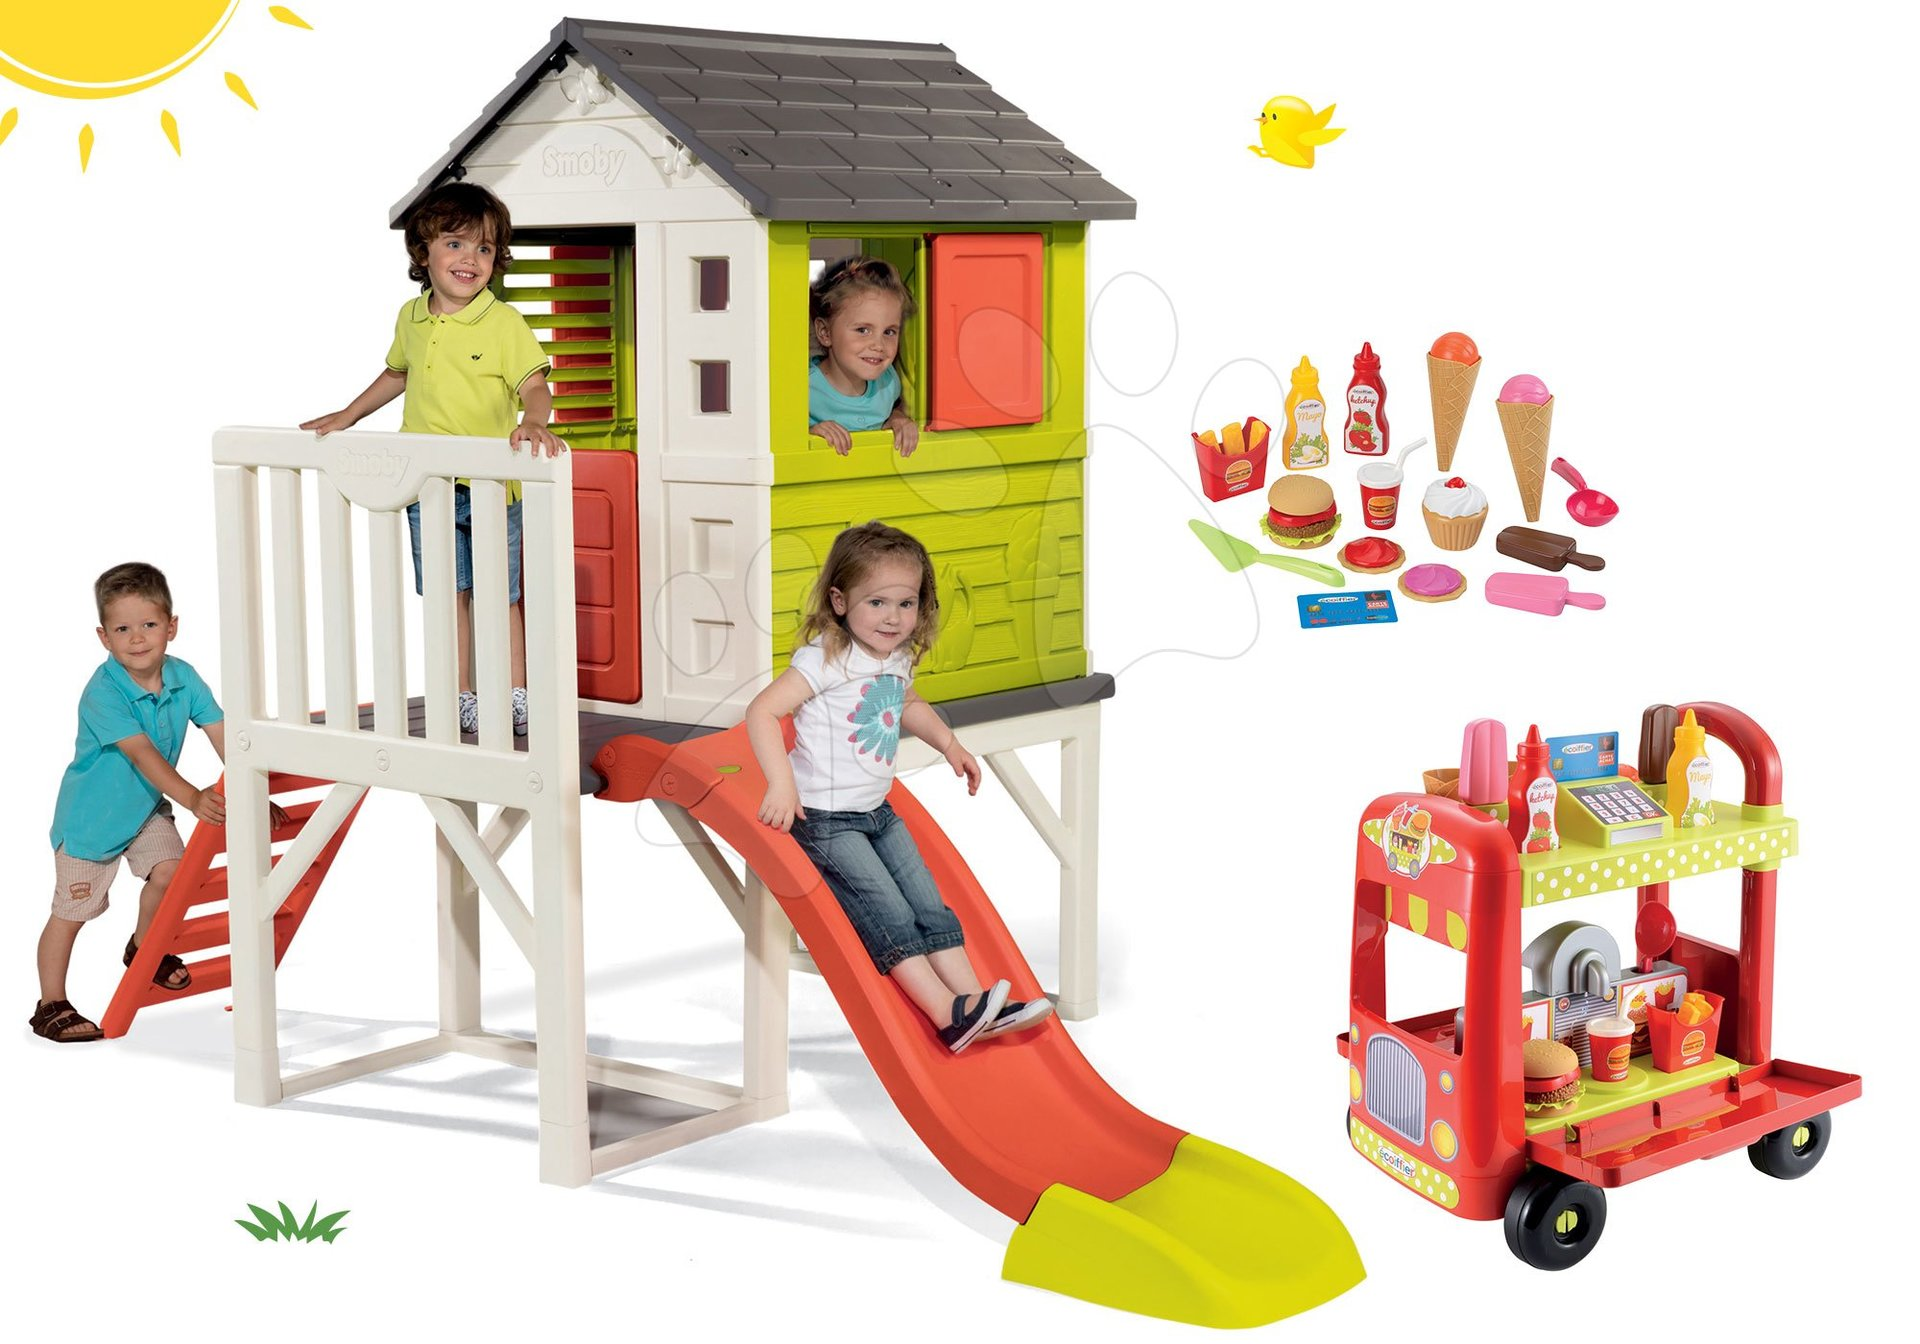 Smoby set detský domček na pilieroch Pilings House s 1,5 m šmykľavkou a zmrzlinársky vozík s hamburgermi 810800-15